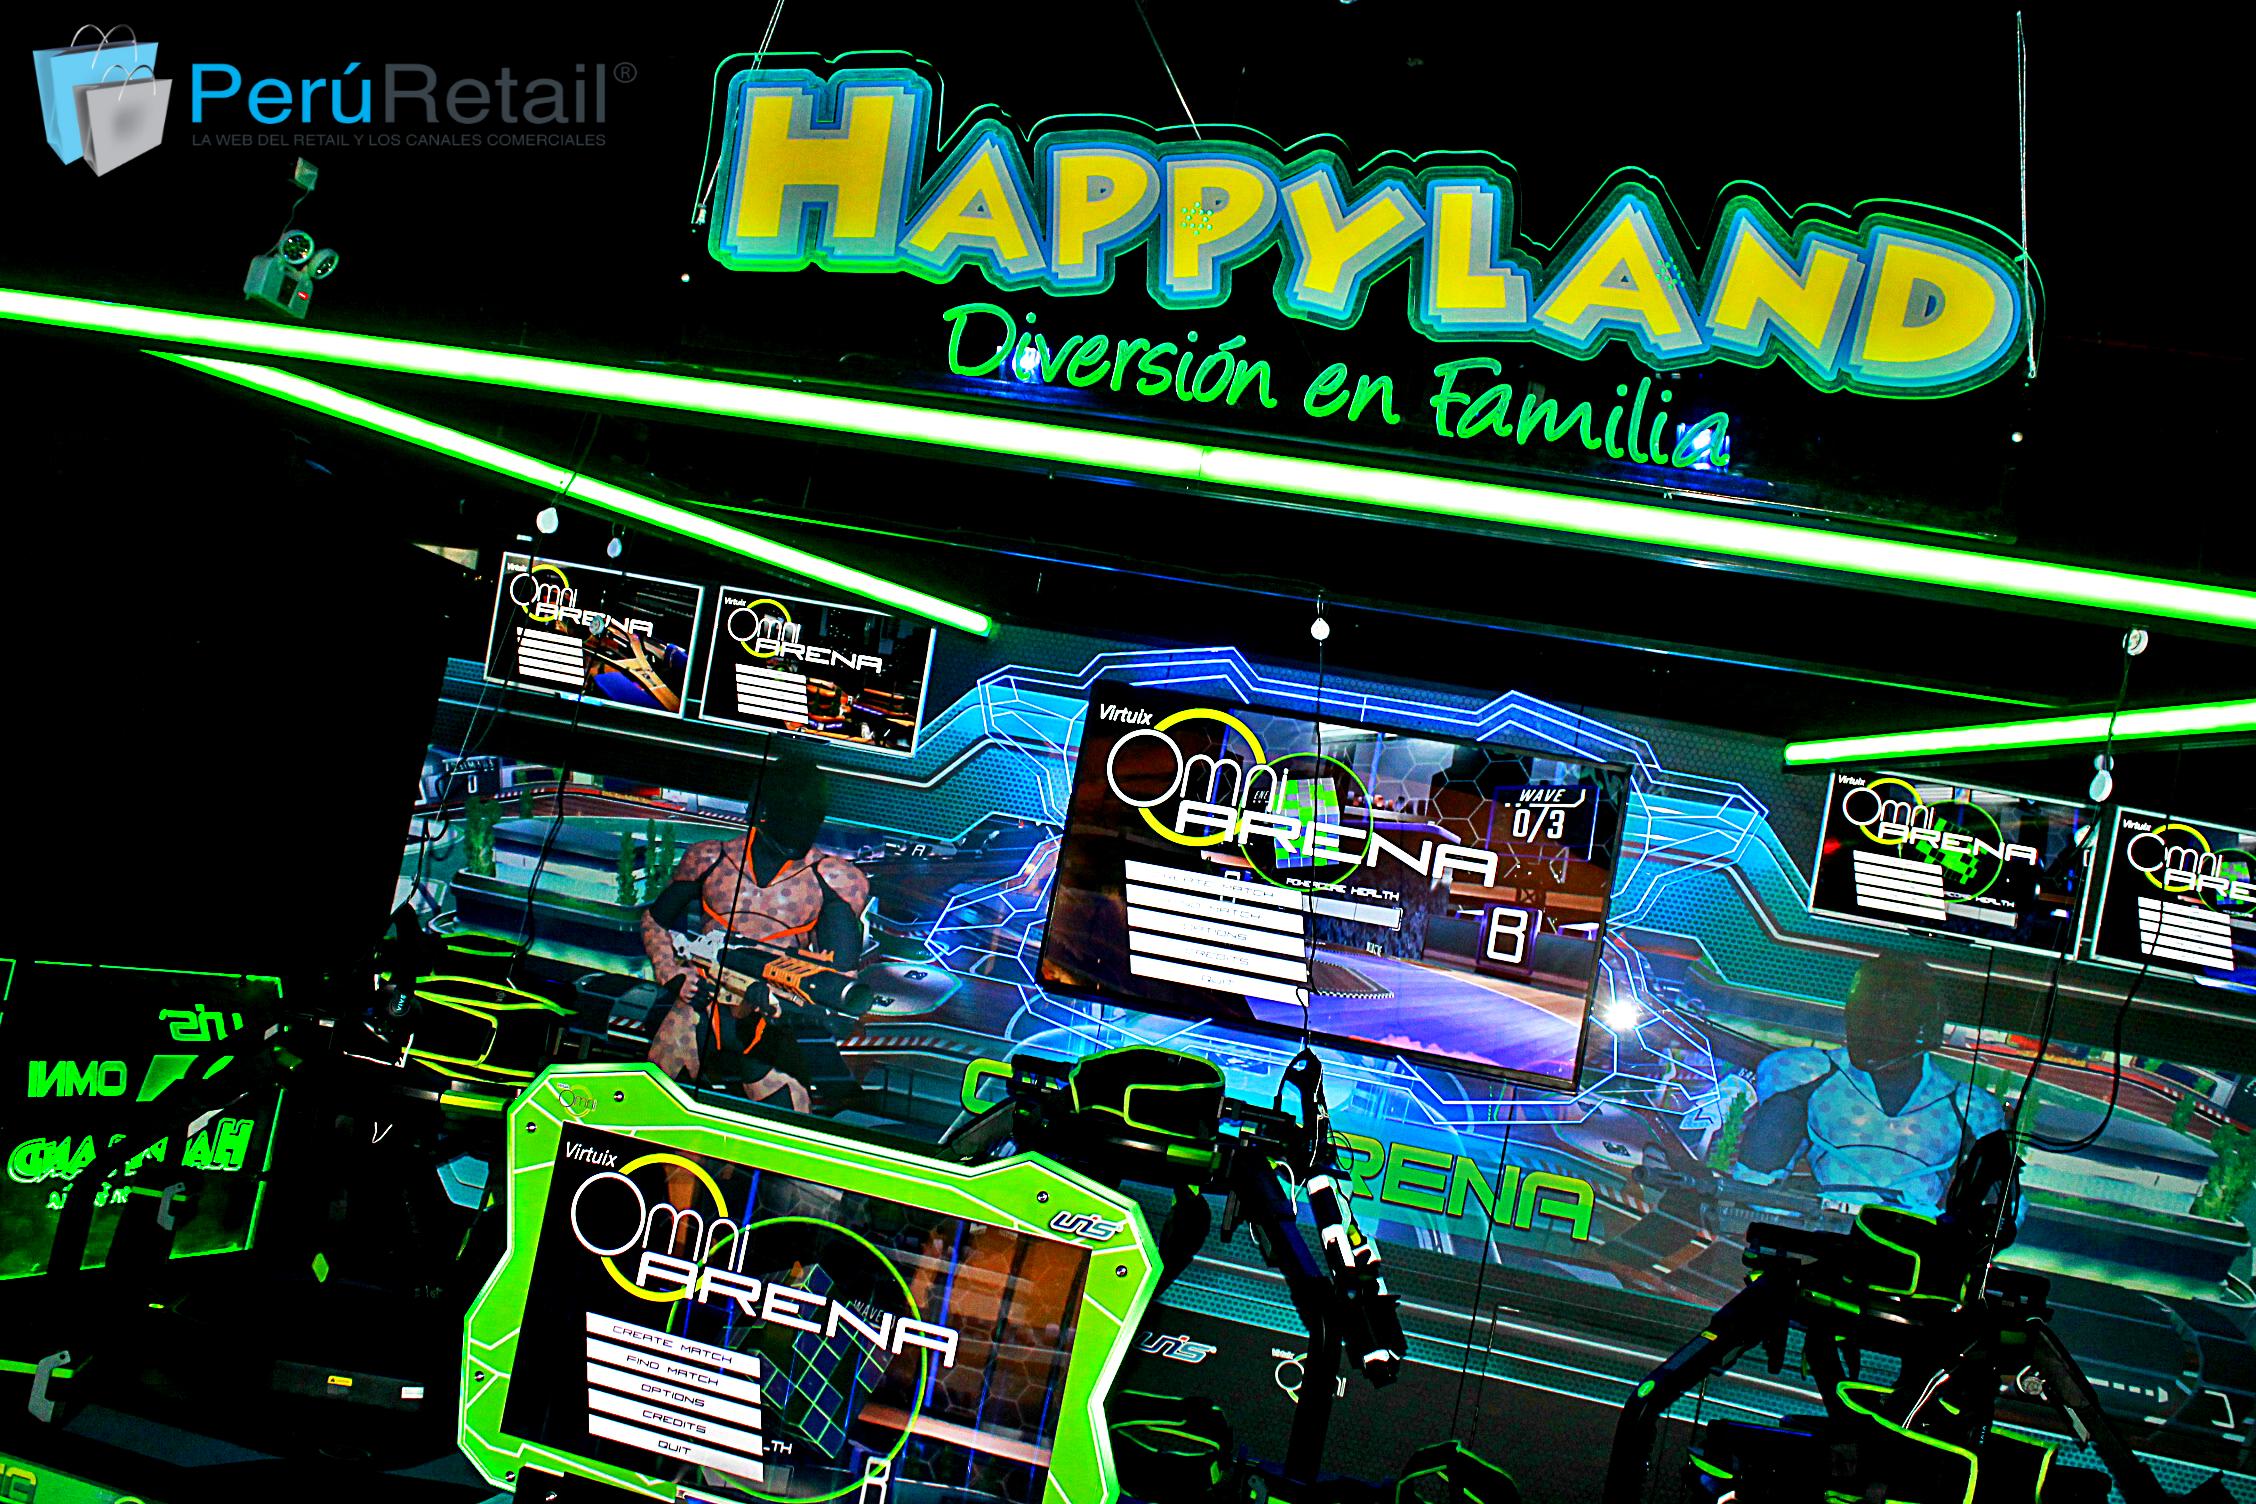 """happyland jockey plaza 1 Peru Retail - Happyland abre """"pop up store"""" de realidad virtual en el nuevo hall del Jockey Plaza"""